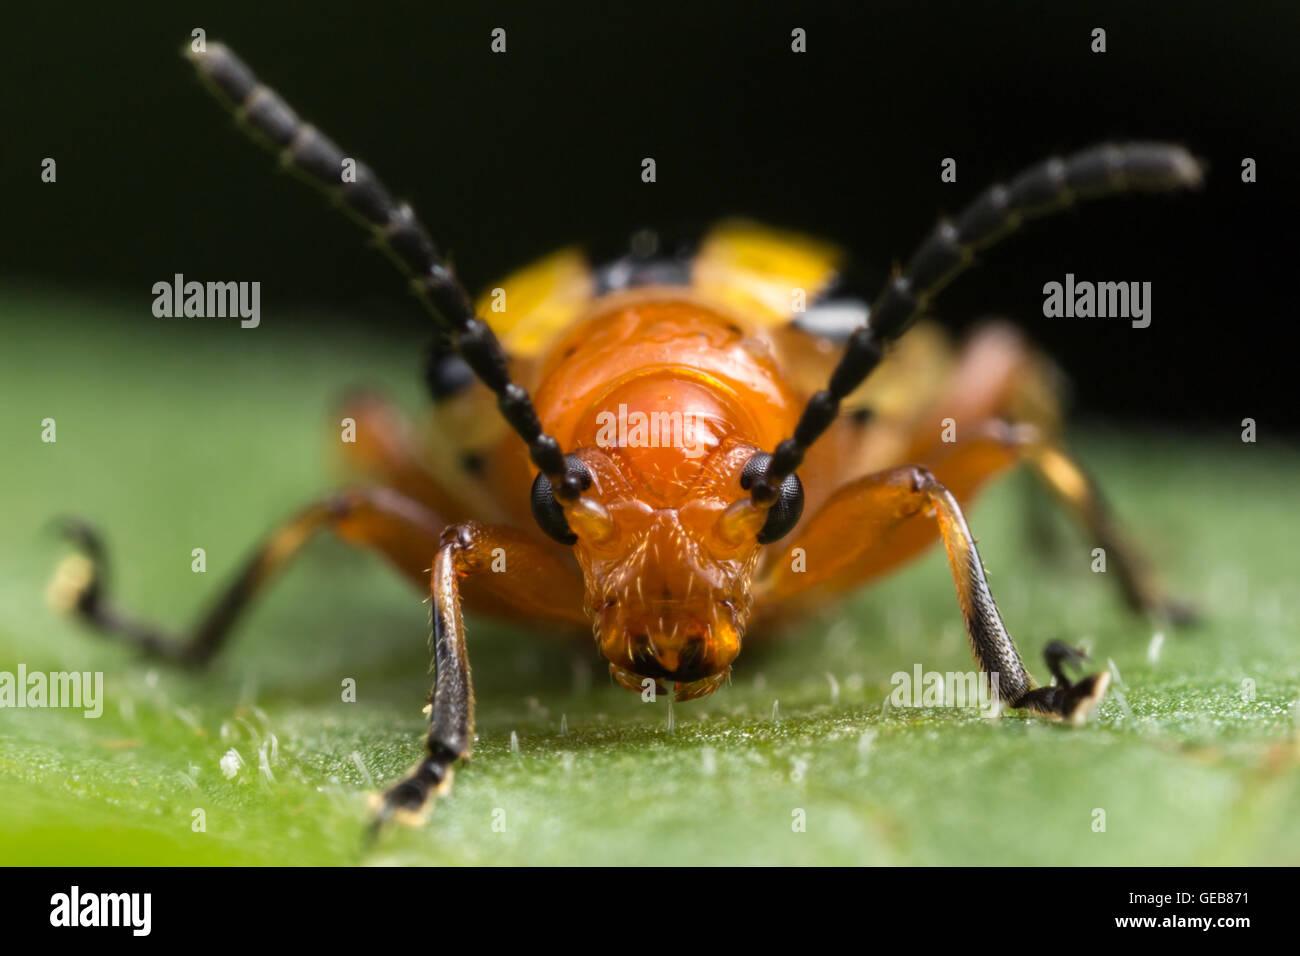 Una vista frontal de un tres-rayado el escarabajo de la patata (Lema daturaphila) en una hoja. Imagen De Stock